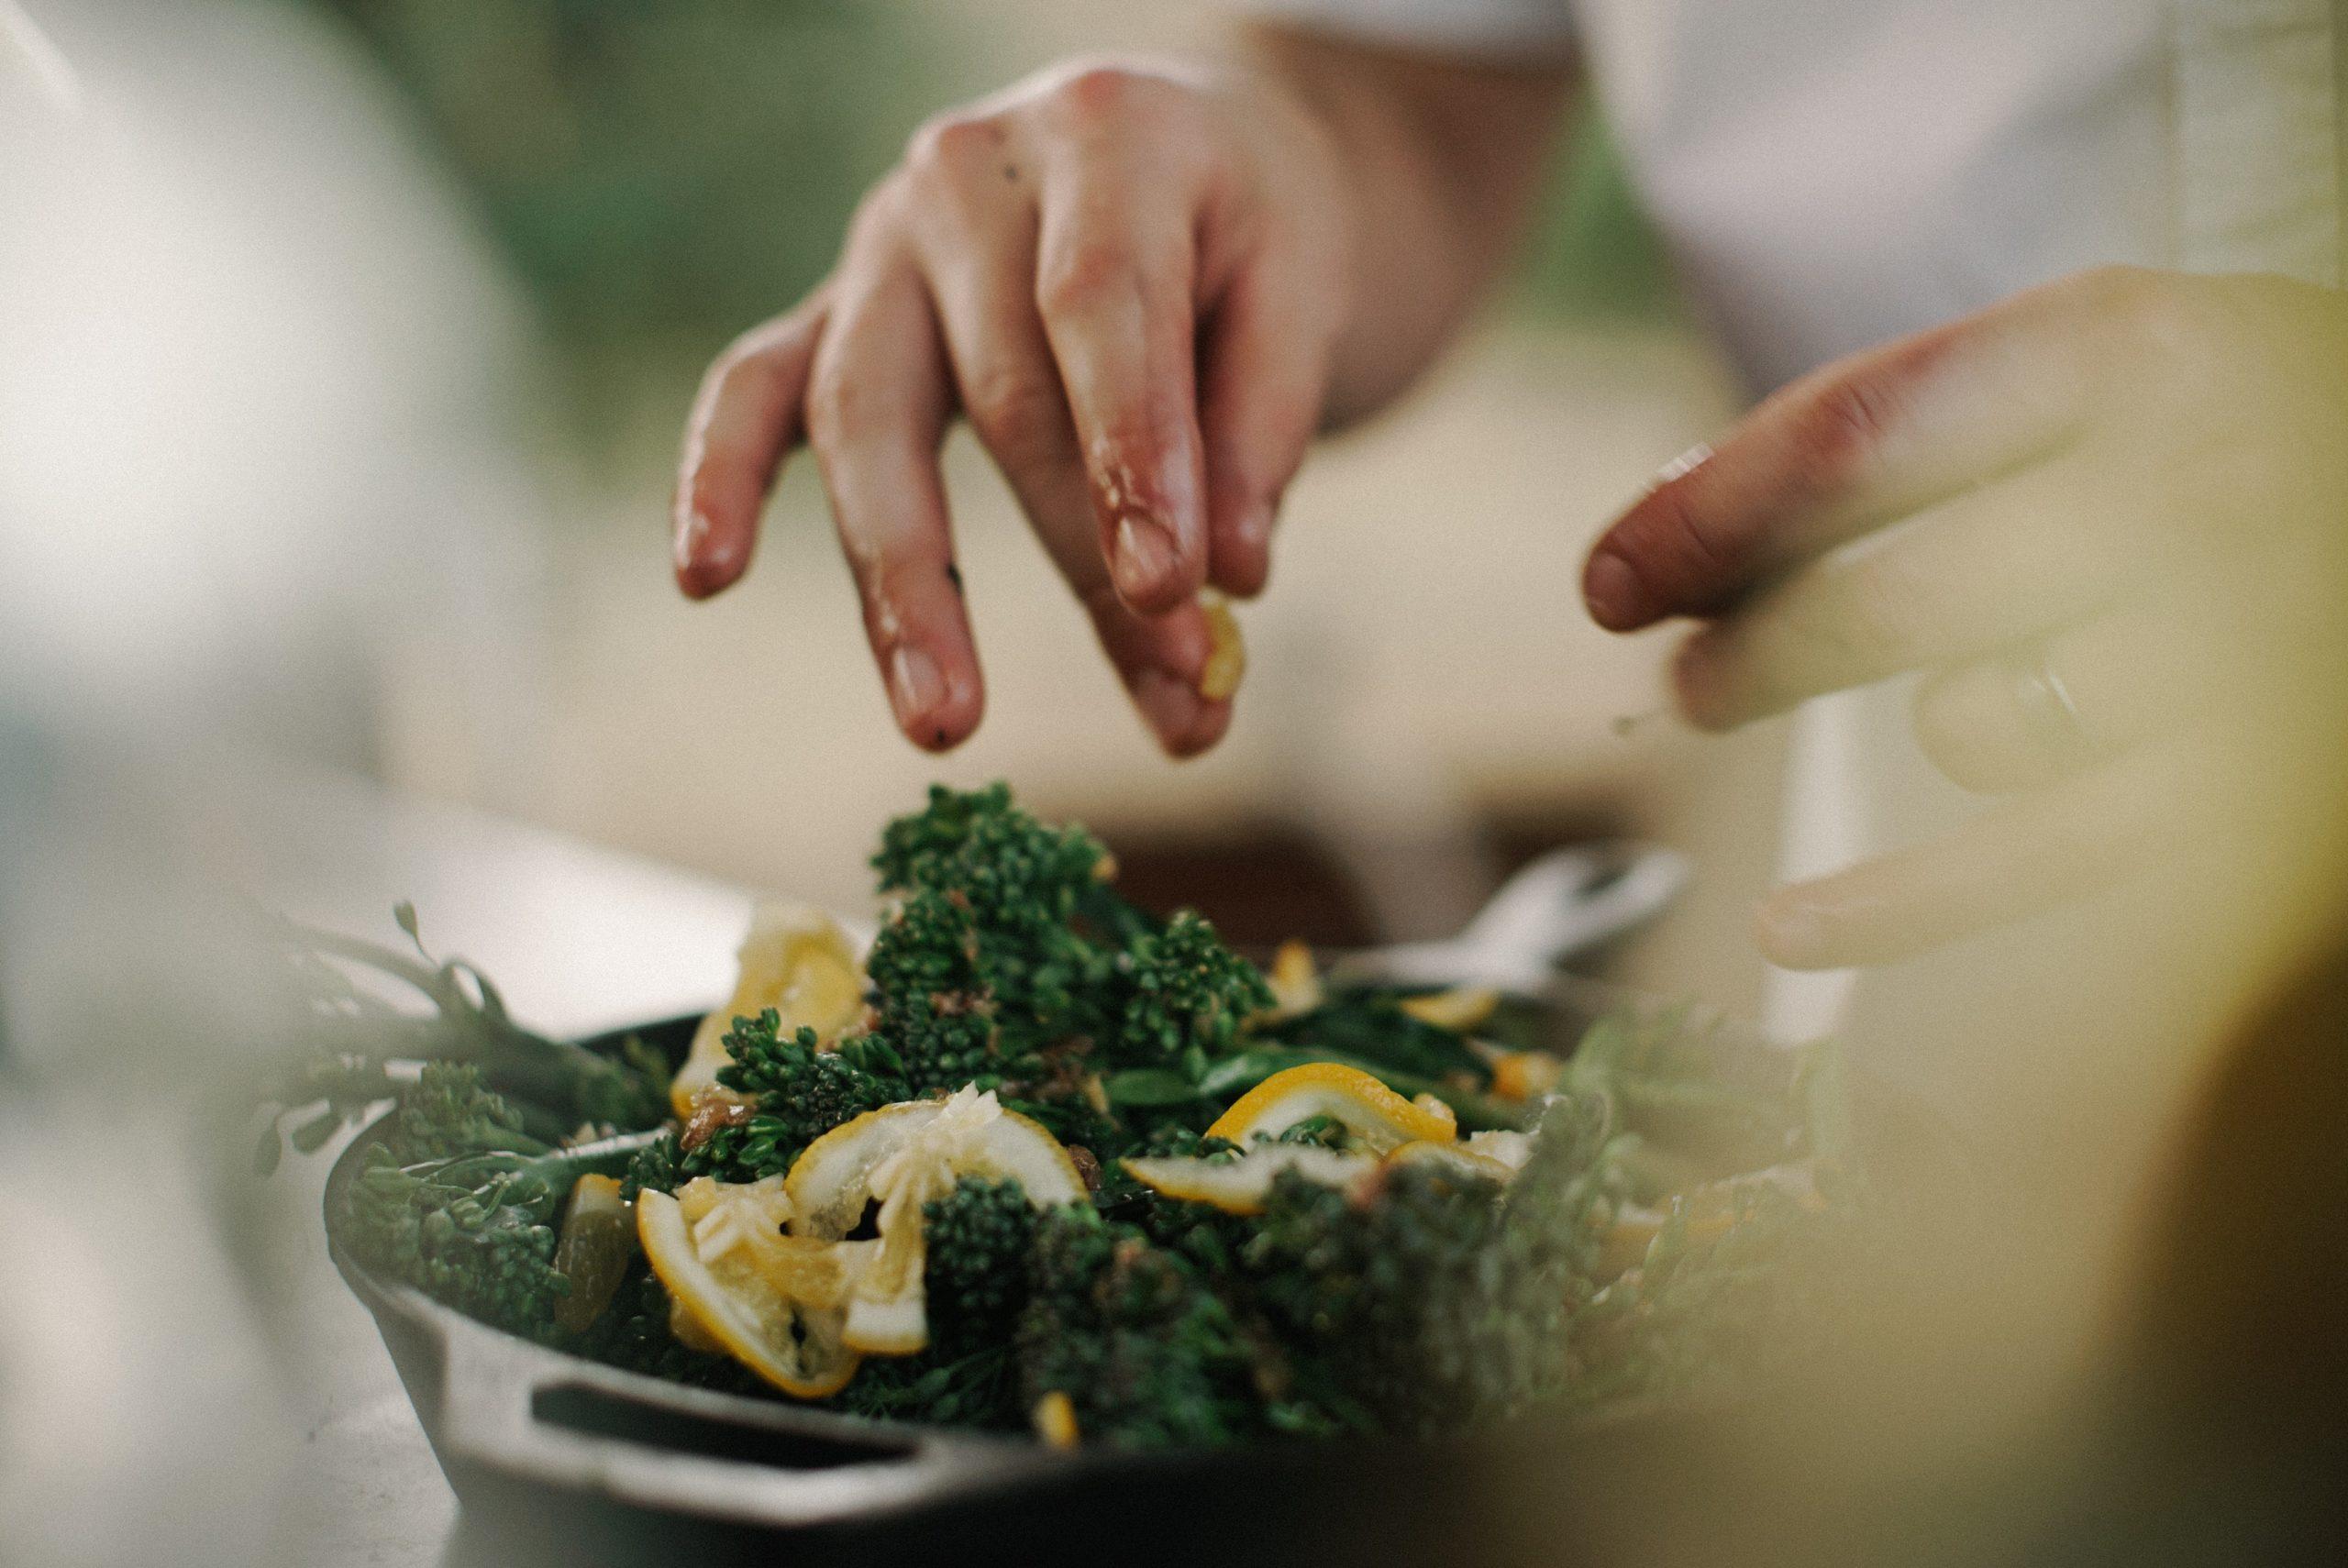 Beim Kochen mit Obst und Gemüse, Foto von Max Delsid auf Unsplash